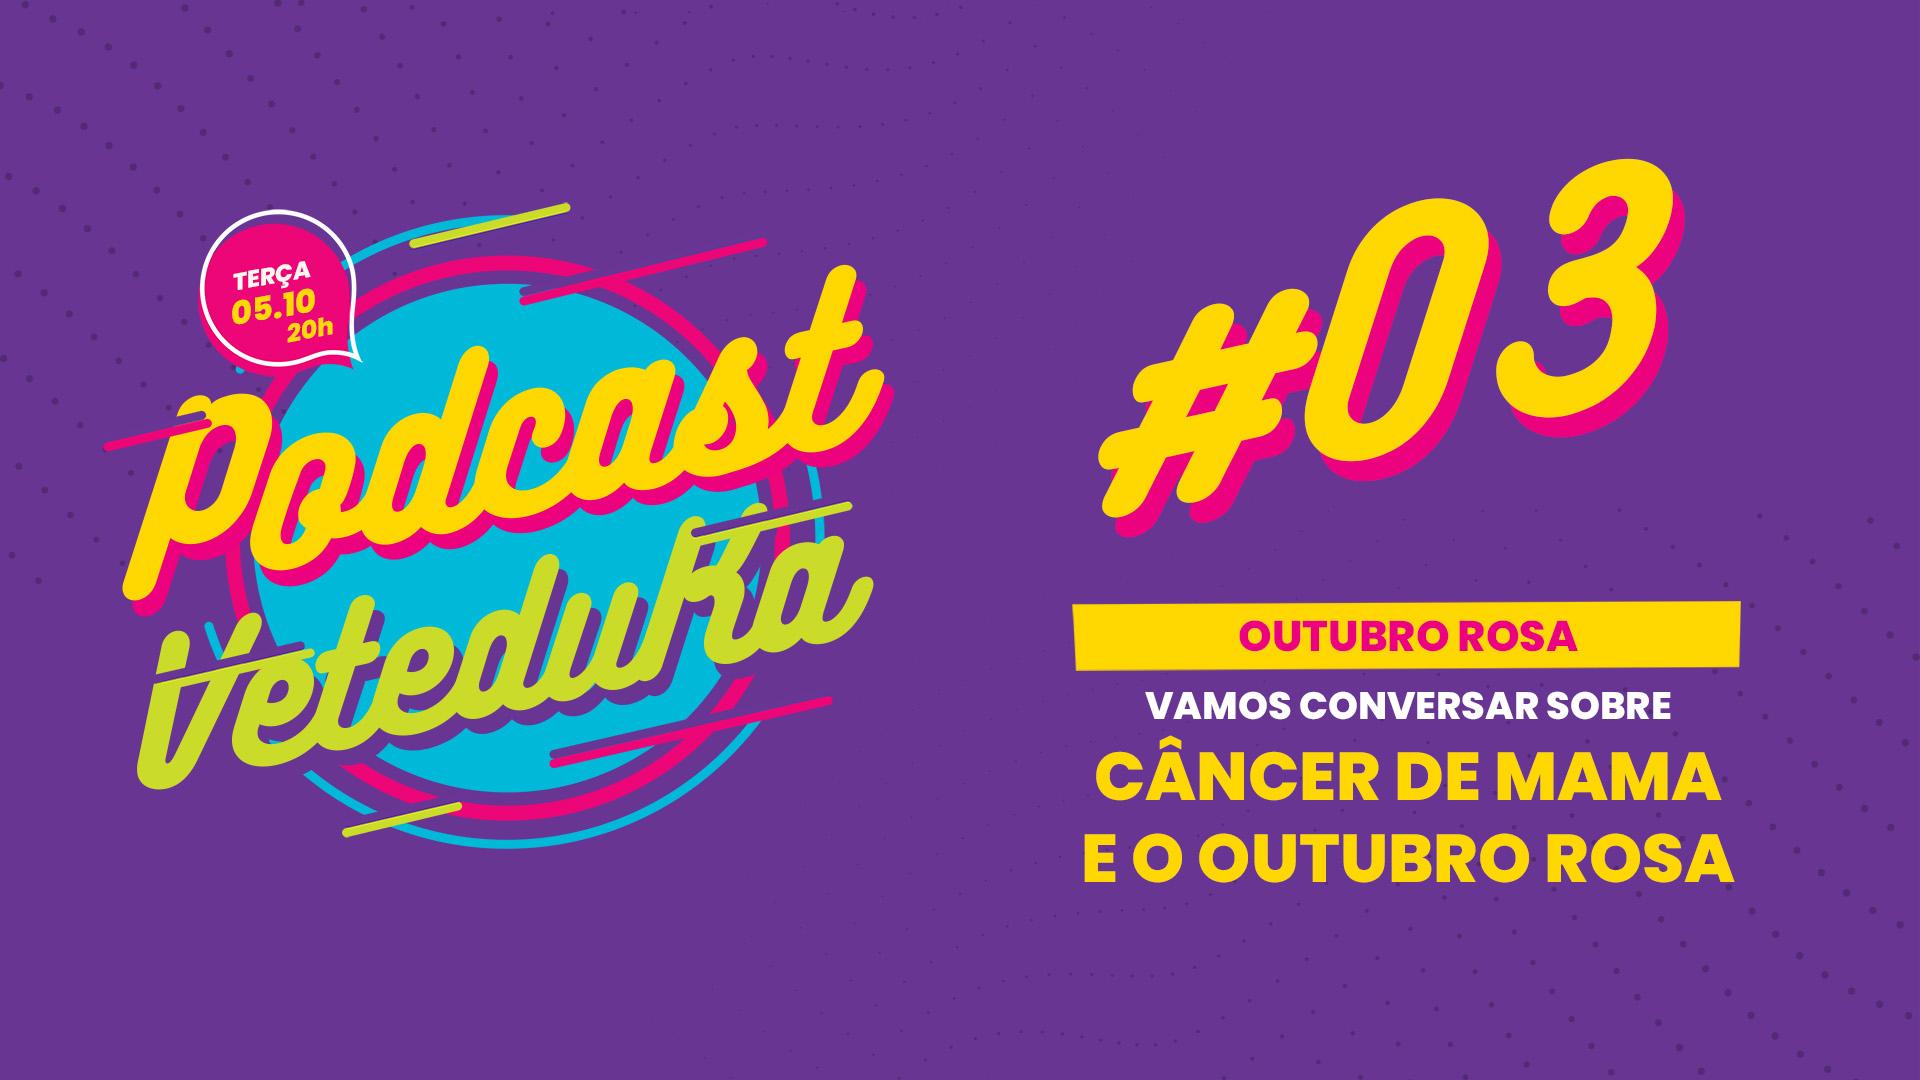 Outubro rosa e oncologia veterinária – VeteduKa Podcast #3